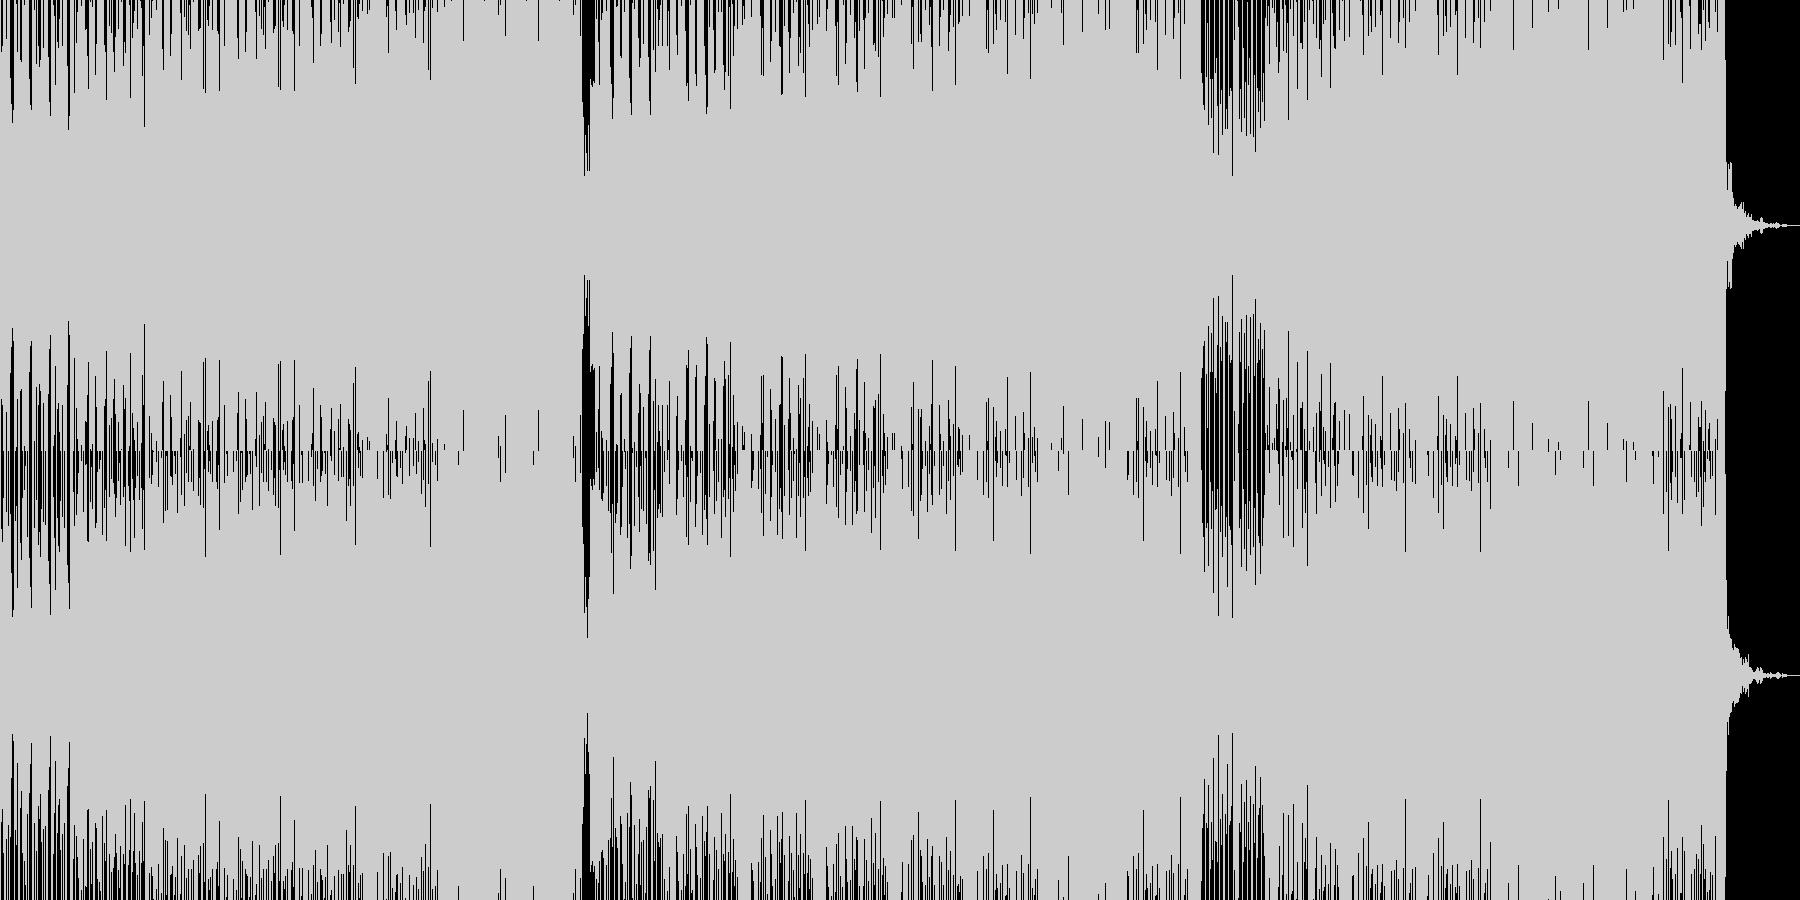 徐々に盛り上げていく四つ打ちテクノの未再生の波形